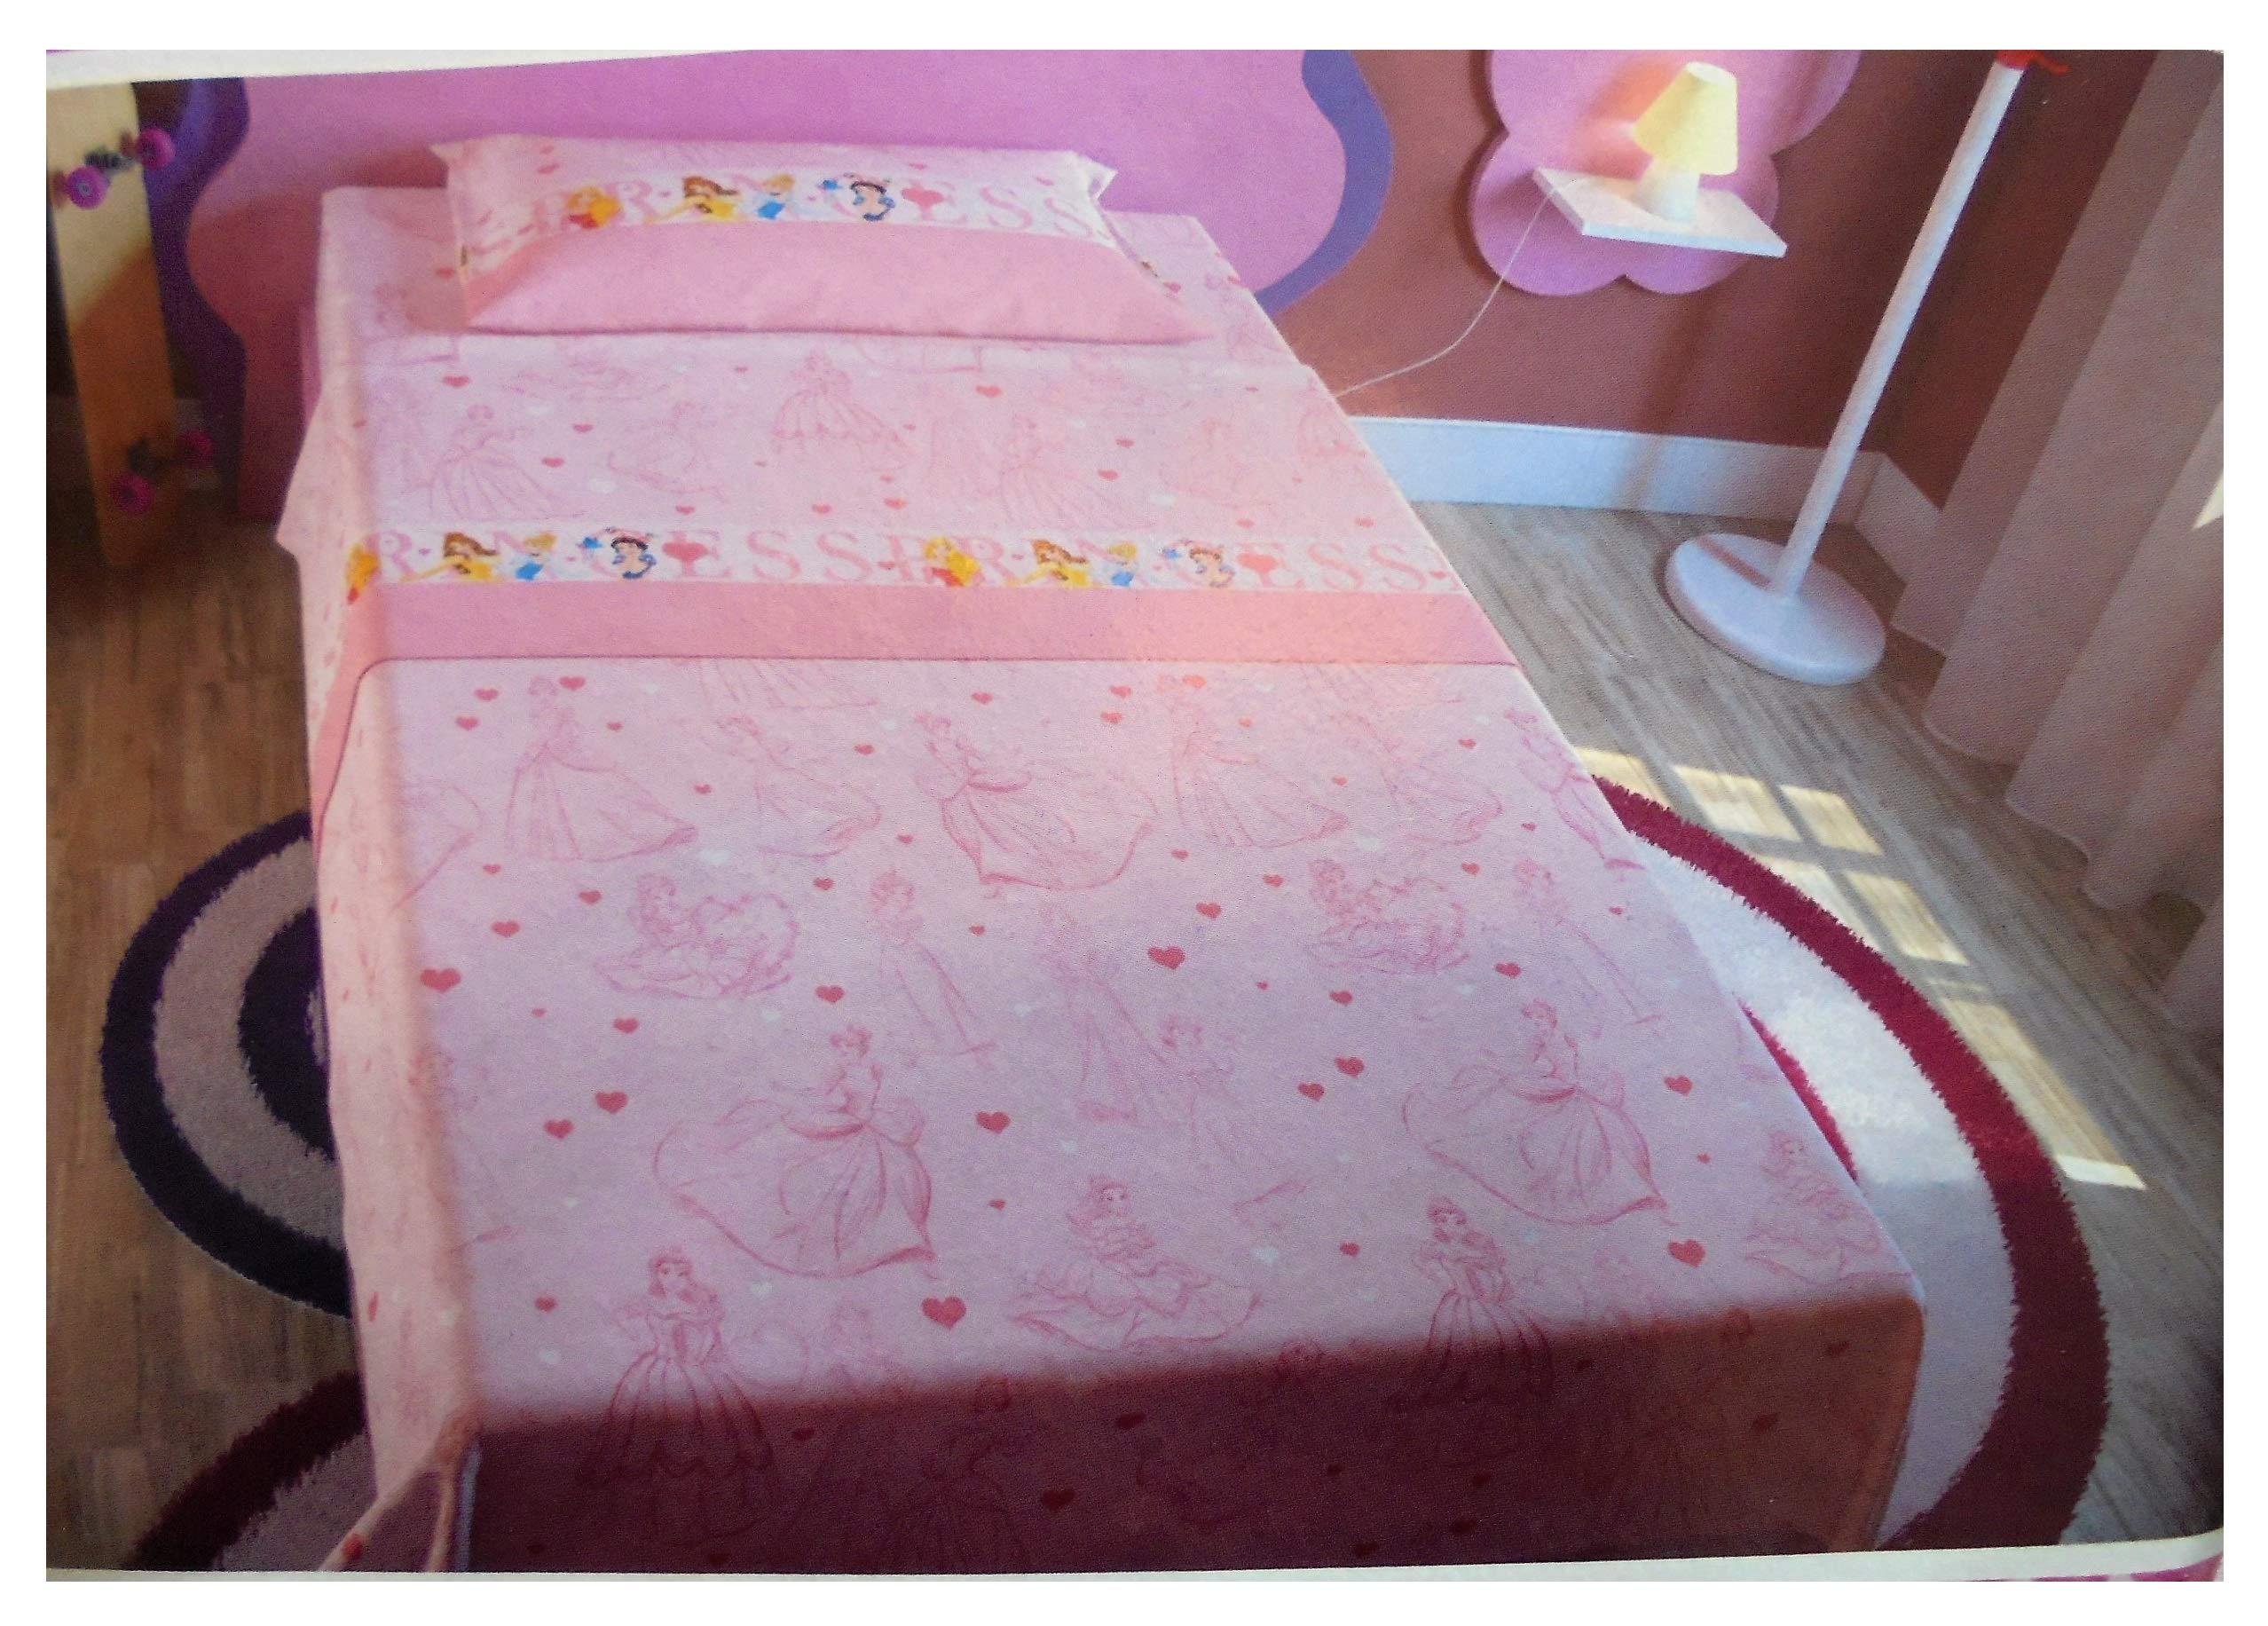 Completo sábanas Princess Princesas Disney para cama individual ...